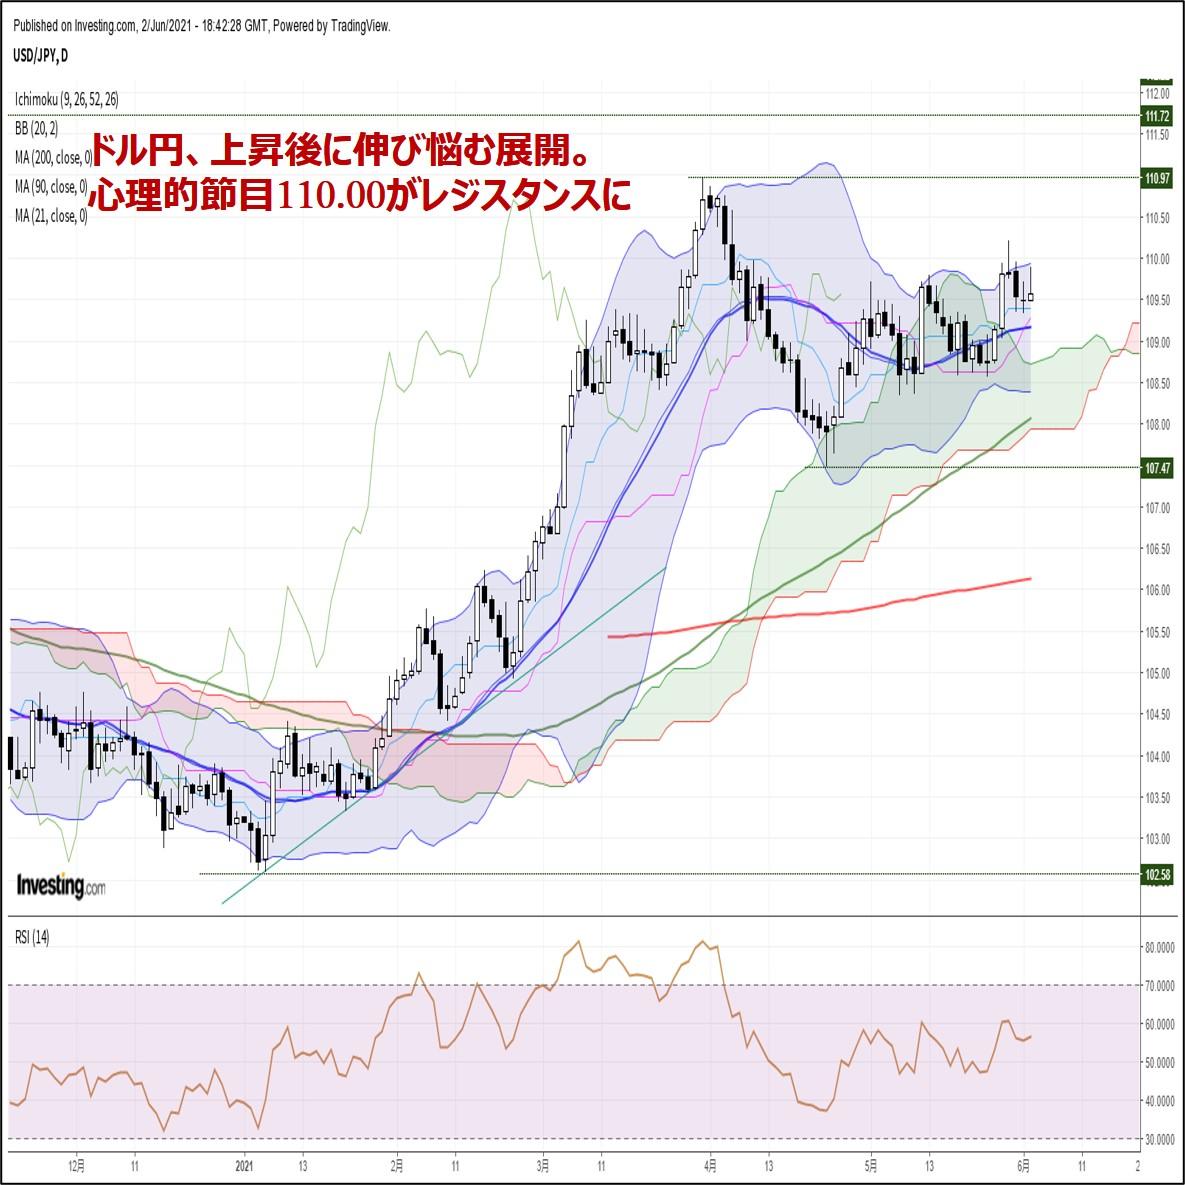 ドル円、上昇後に伸び悩む展開。心理的節目110.00がレジスタンスに(6/3朝)